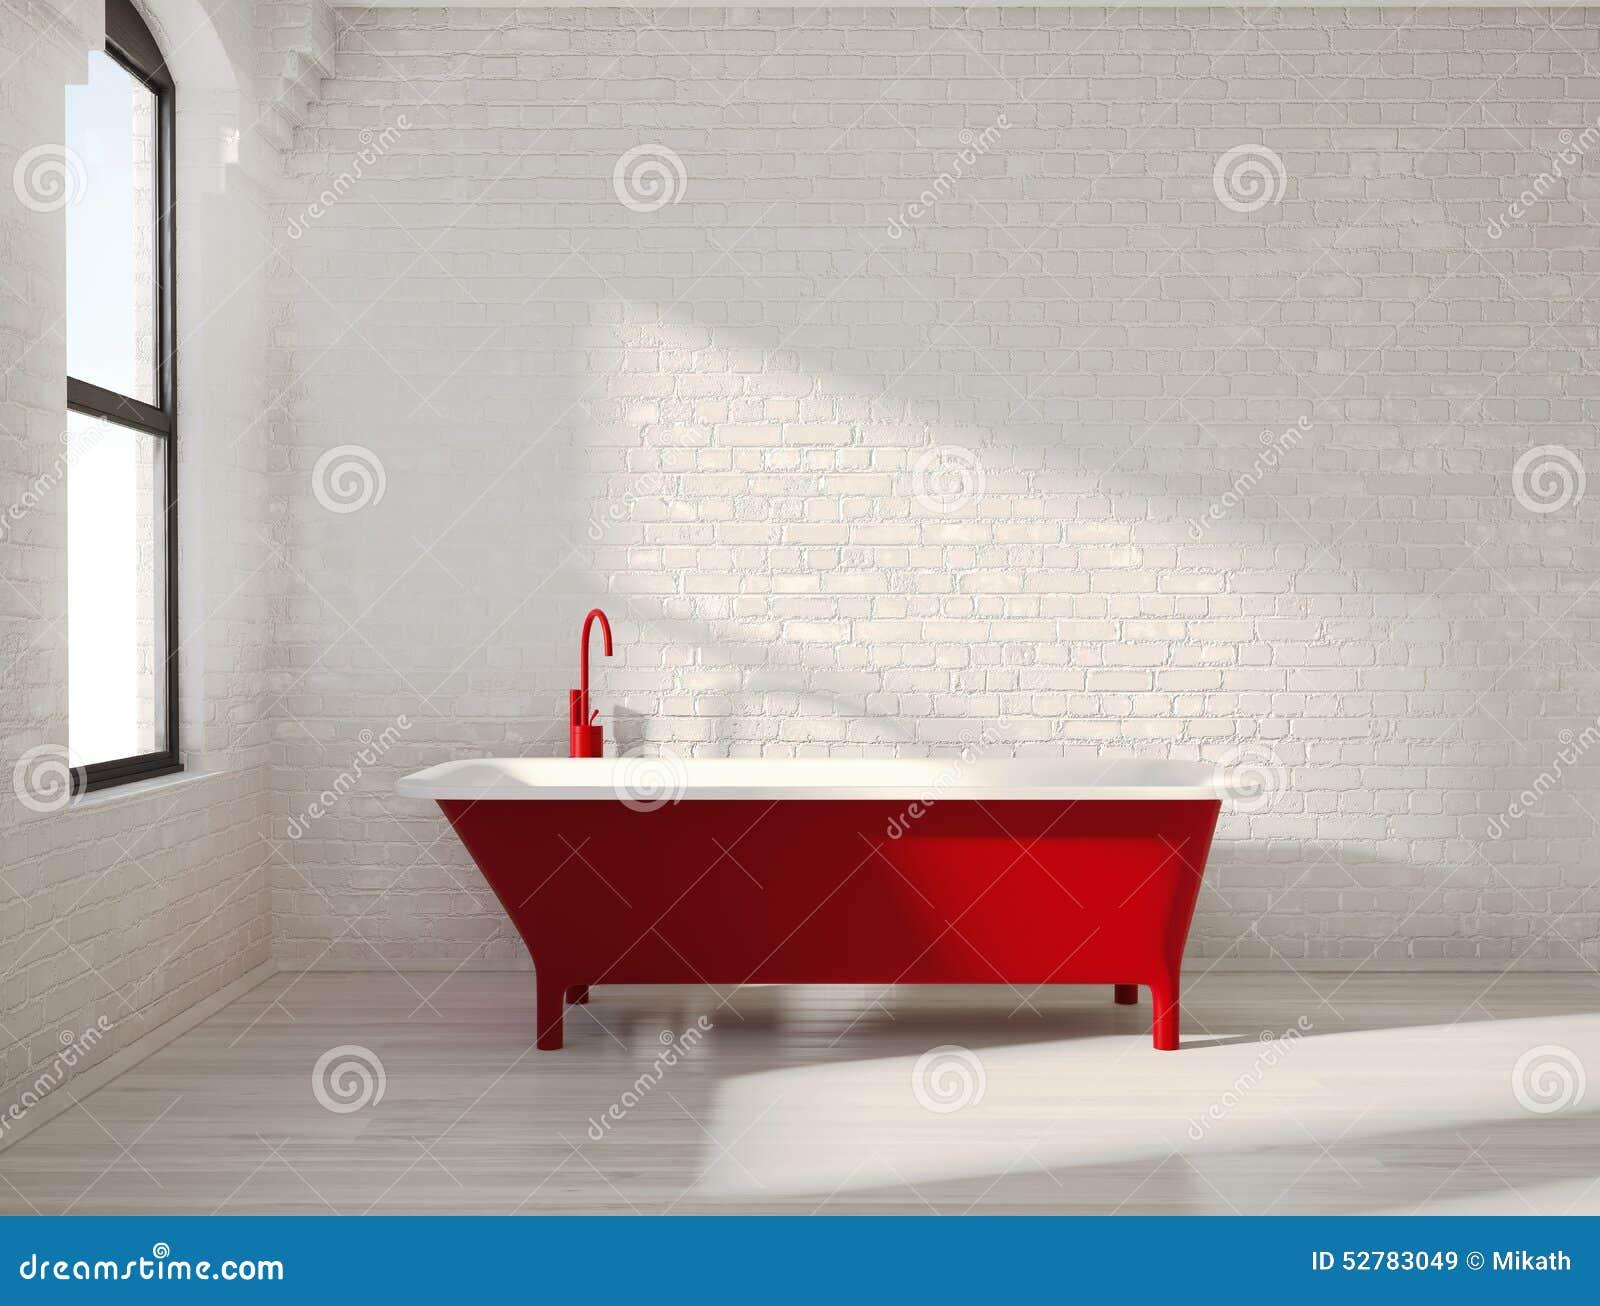 Vasca Da Bagno Rossa : Vasca rossa contemporanea in un interno bianco immagine stock